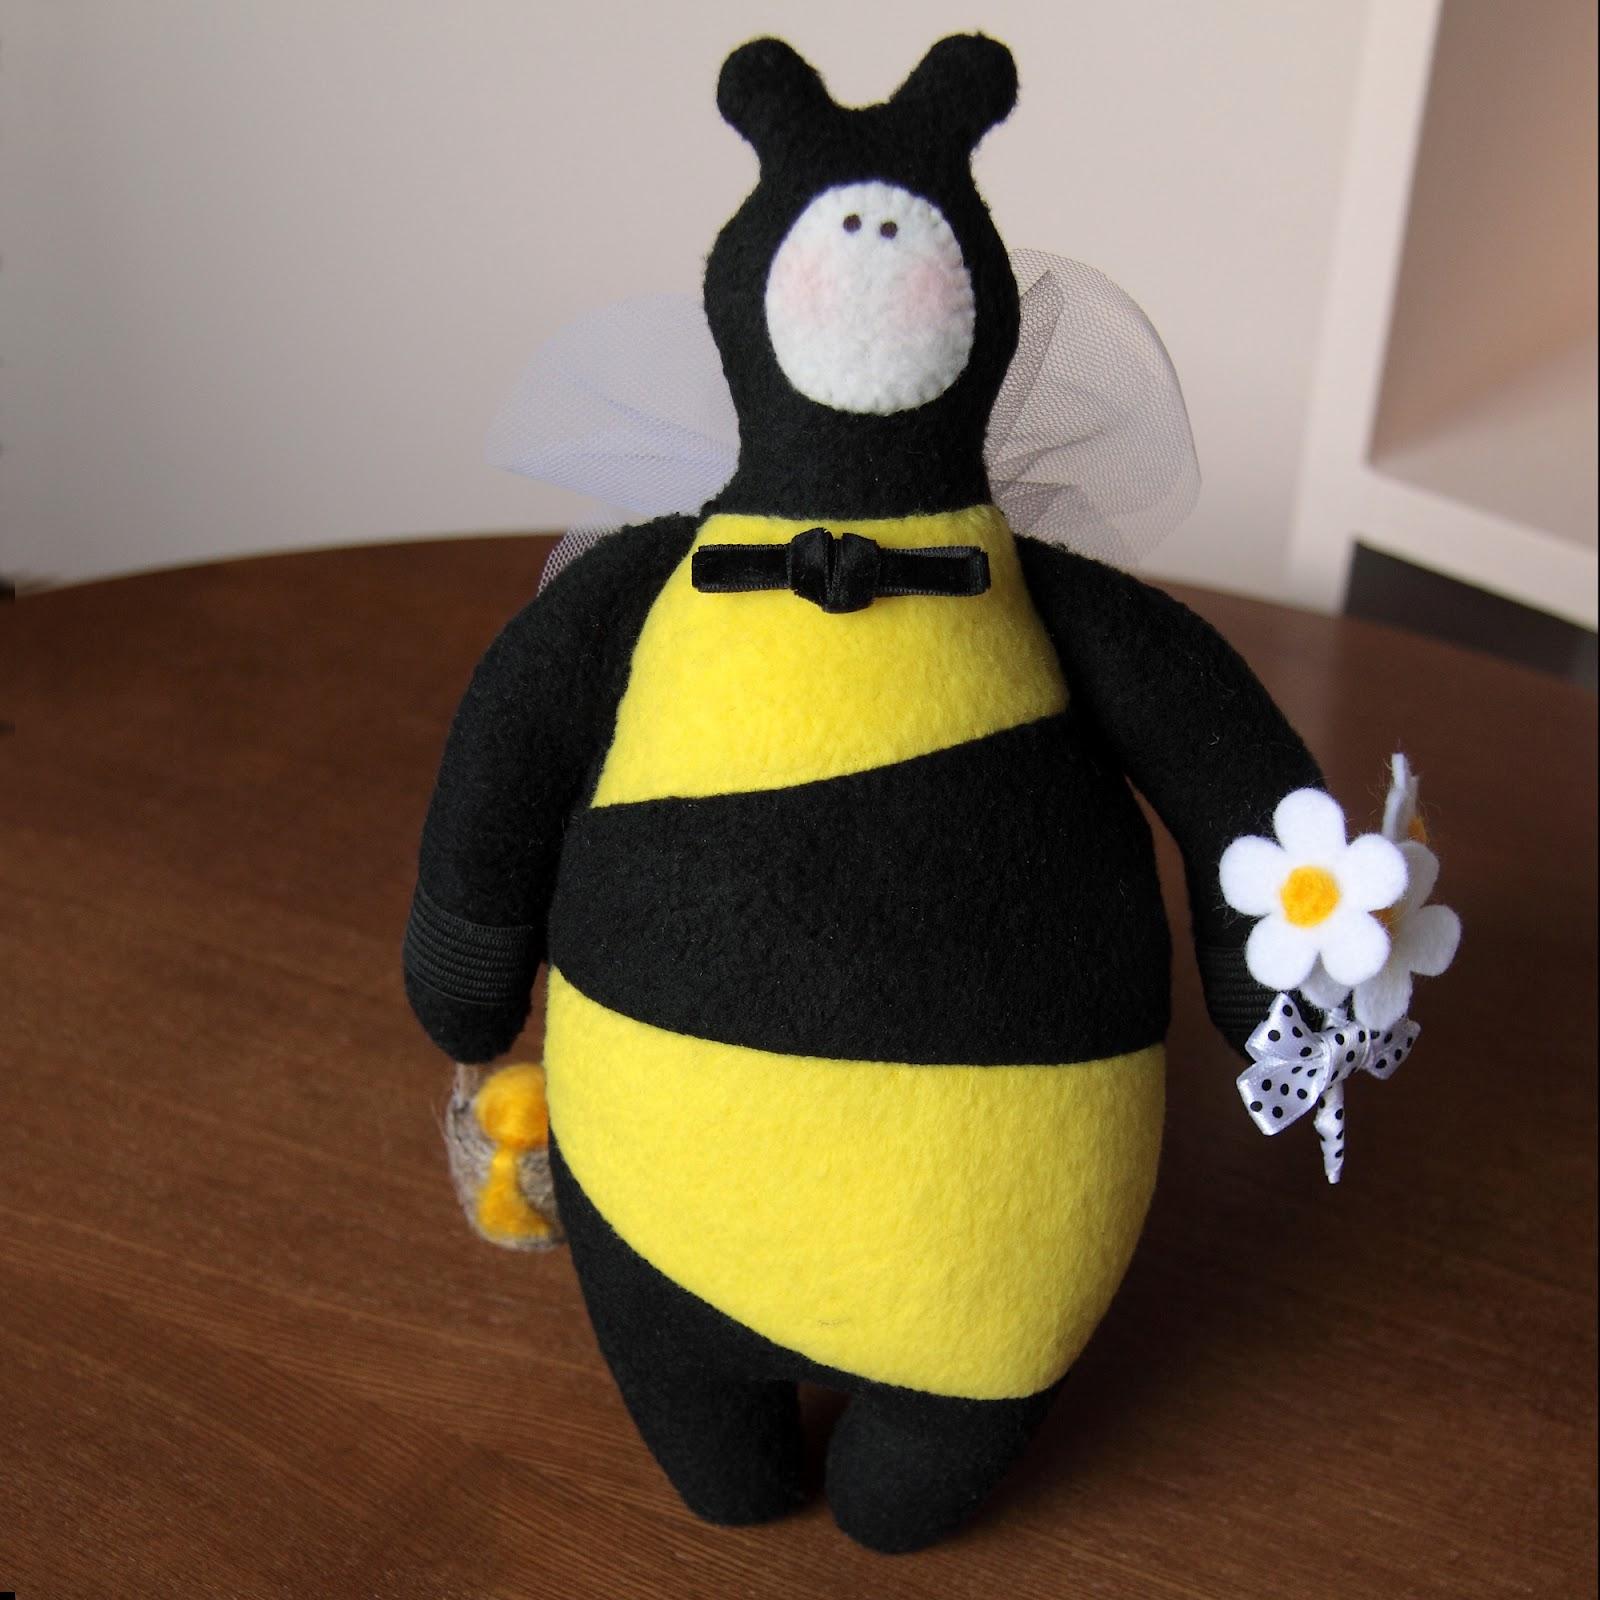 Мягкая игрушка пчёлка своими руками 52